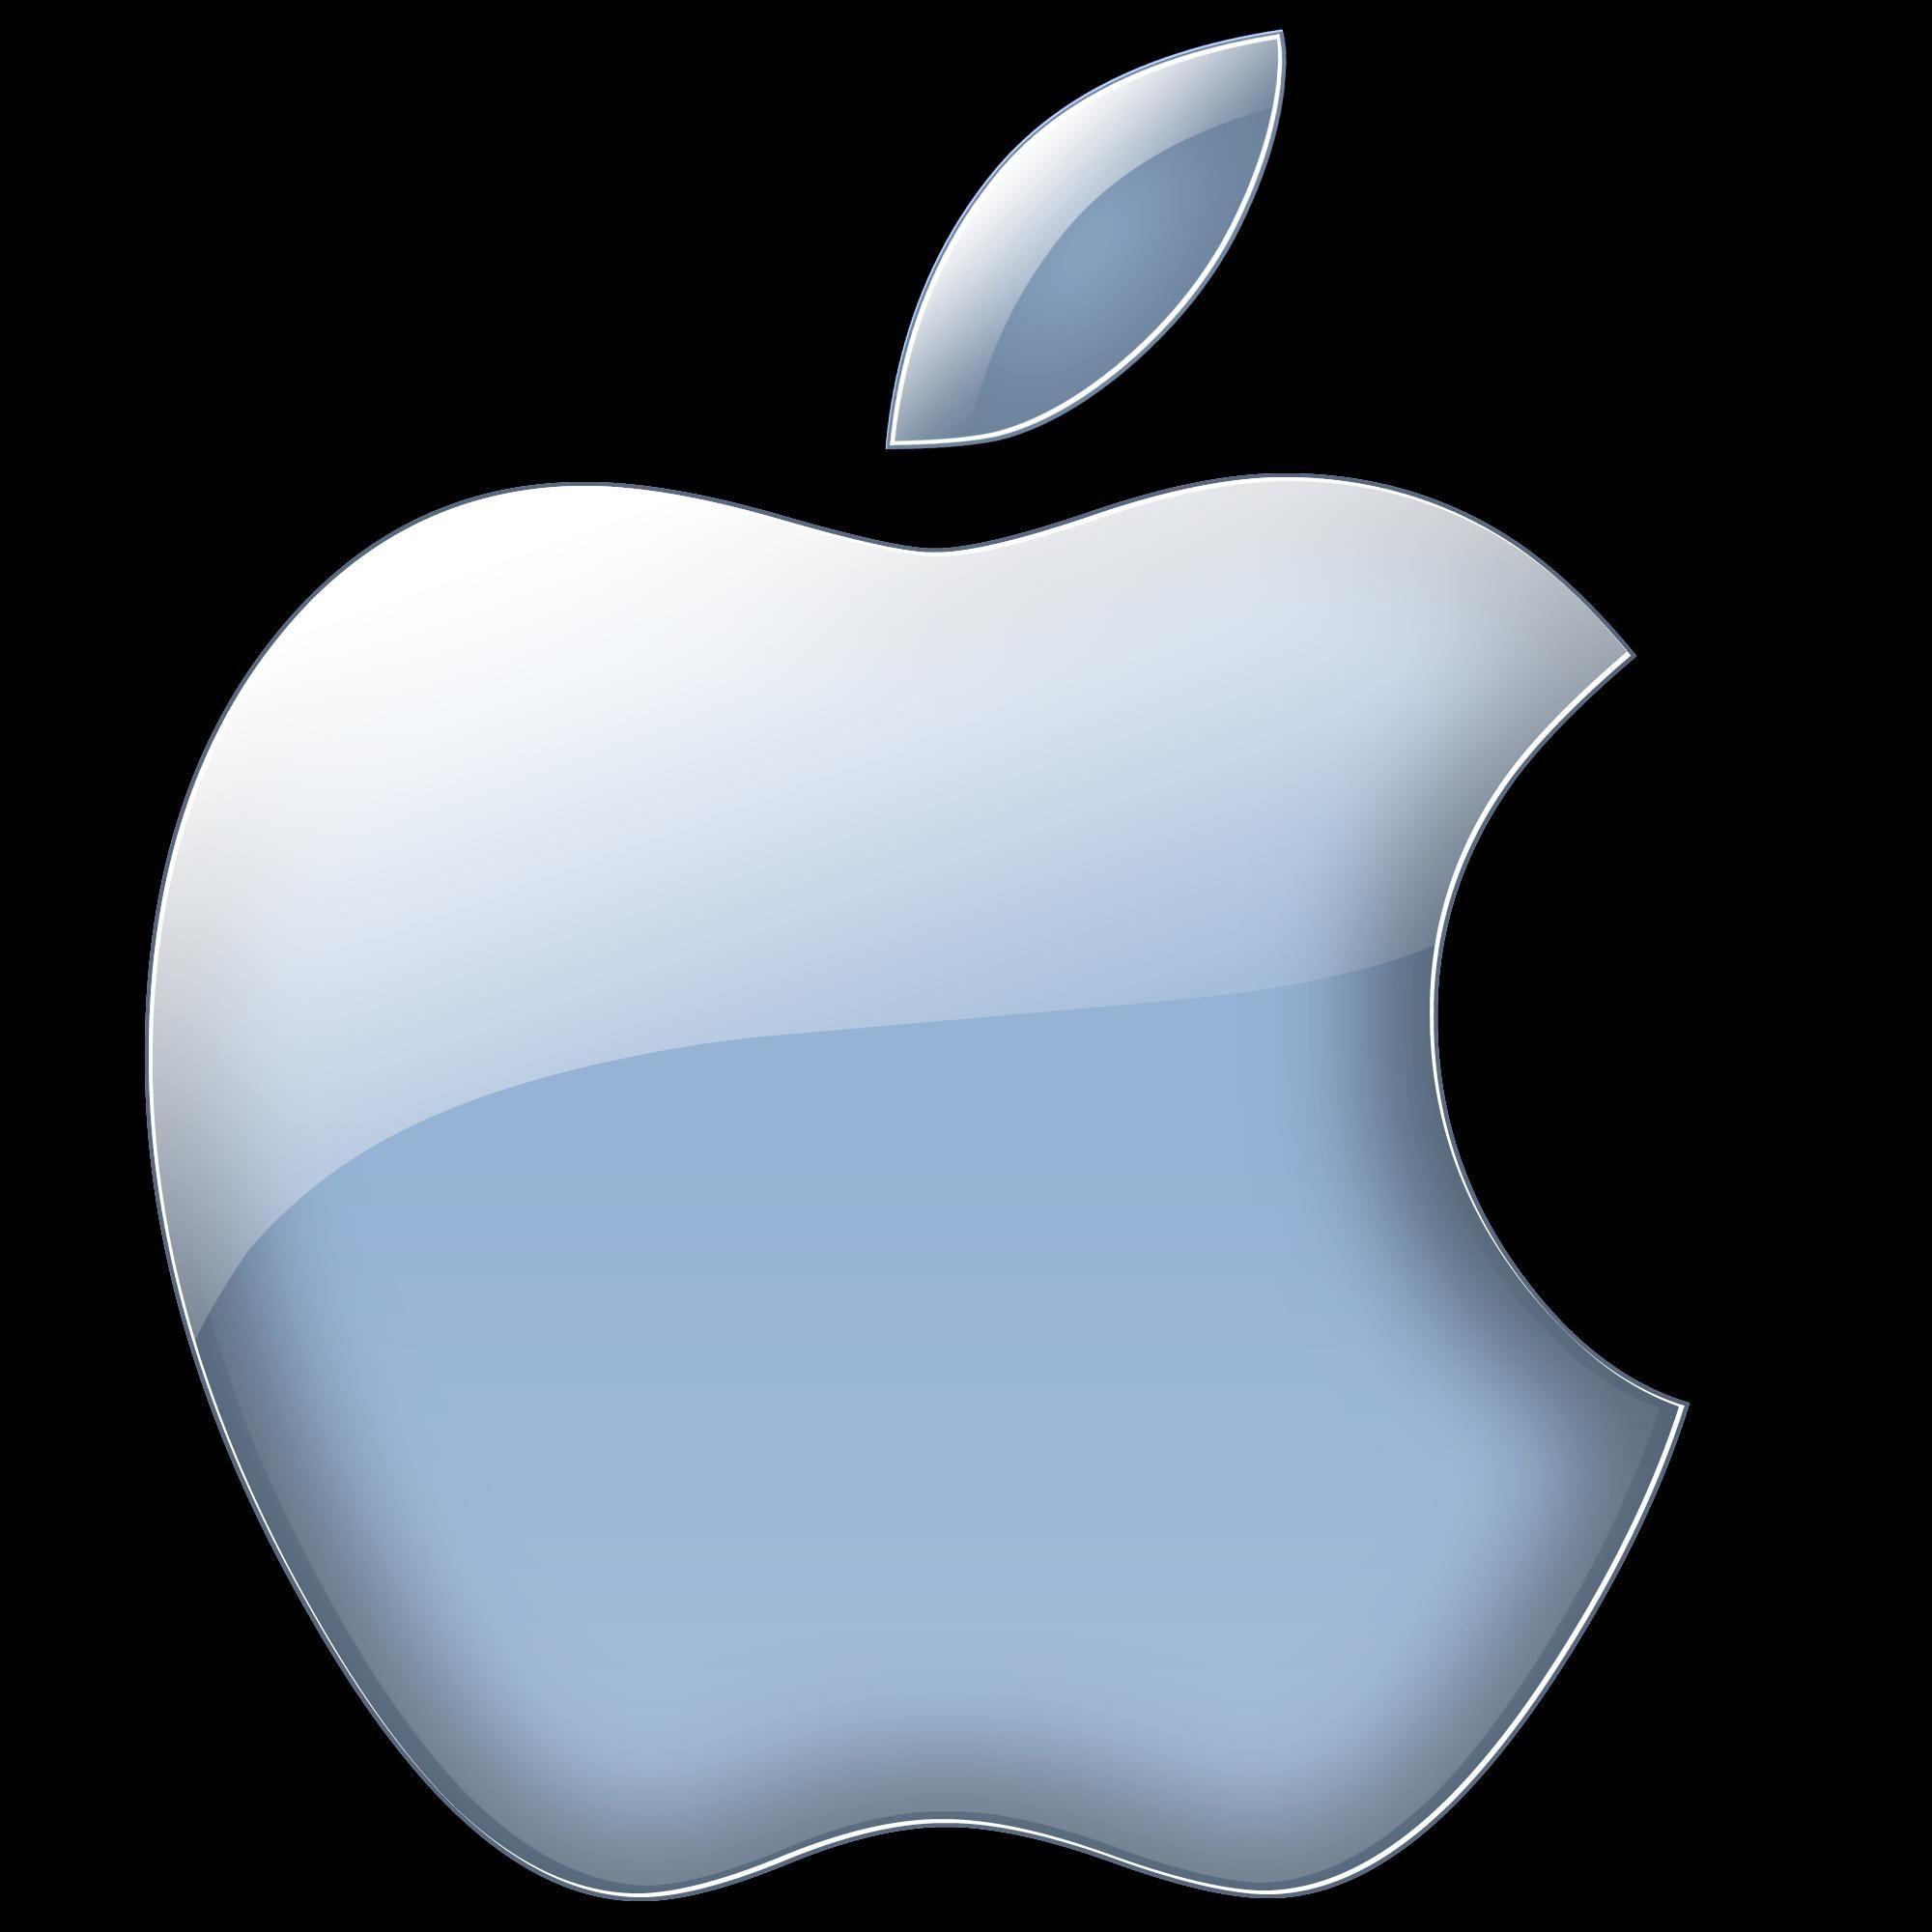 Прикольные картинки айфон яблоко, рисунки чашках своими